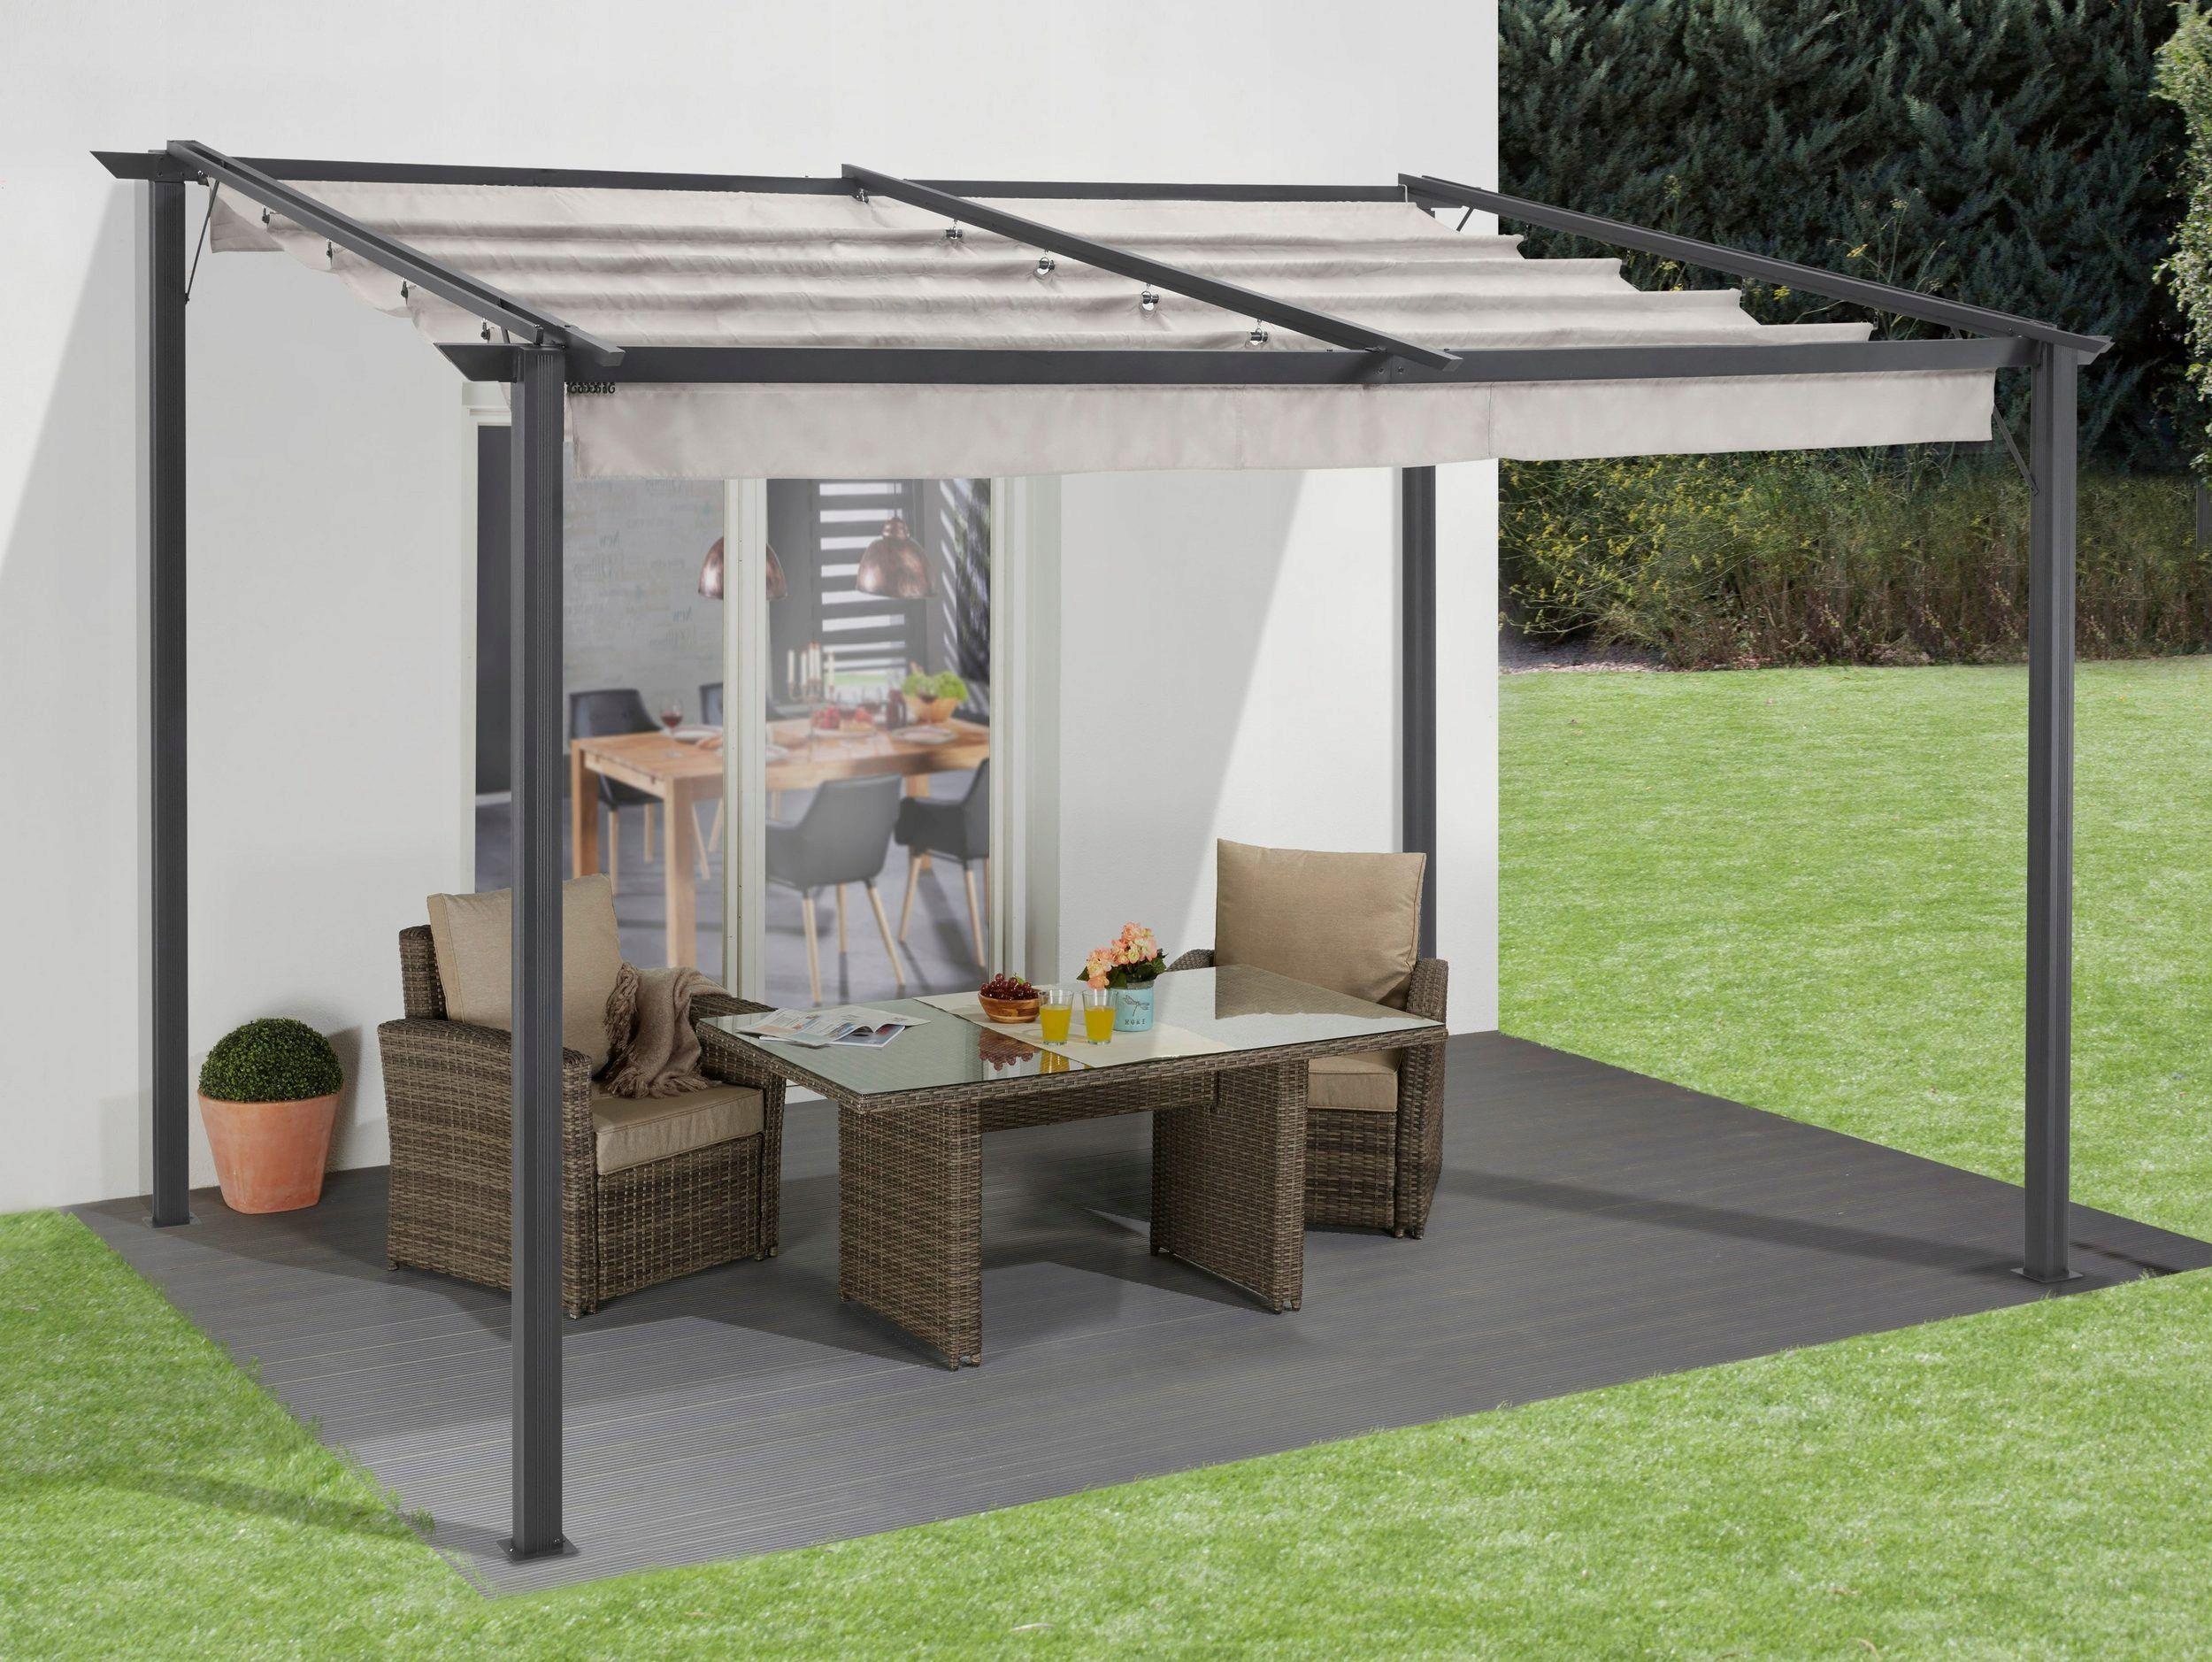 Nowoczesny Pawilon Ogrodowy 3x4 Pergola Raffdach 8428061976 Allegro Pl Outdoor Decor Backyard Gazebo Gazebo Canopy